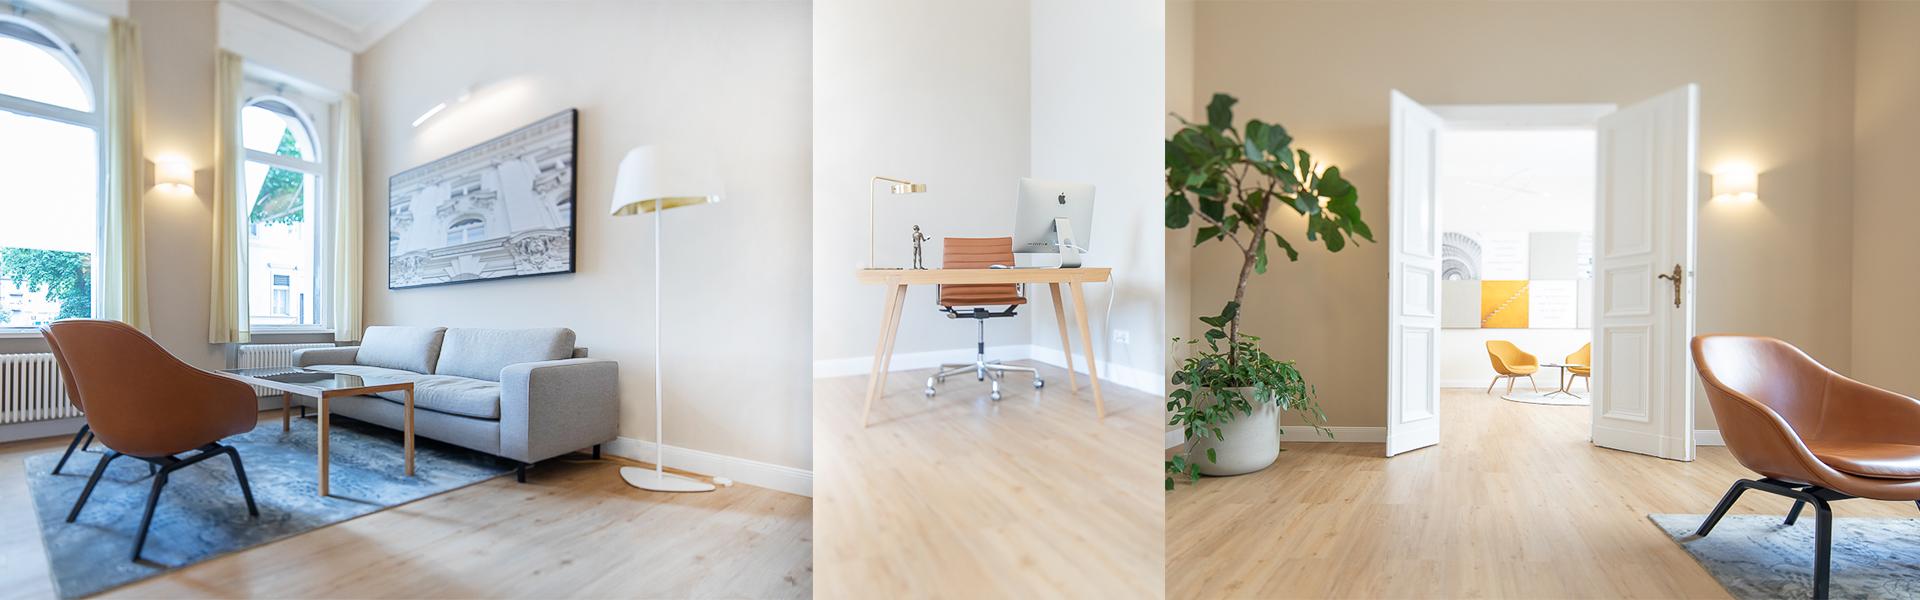 Raum mit Sofa, Tisch und Stühlen